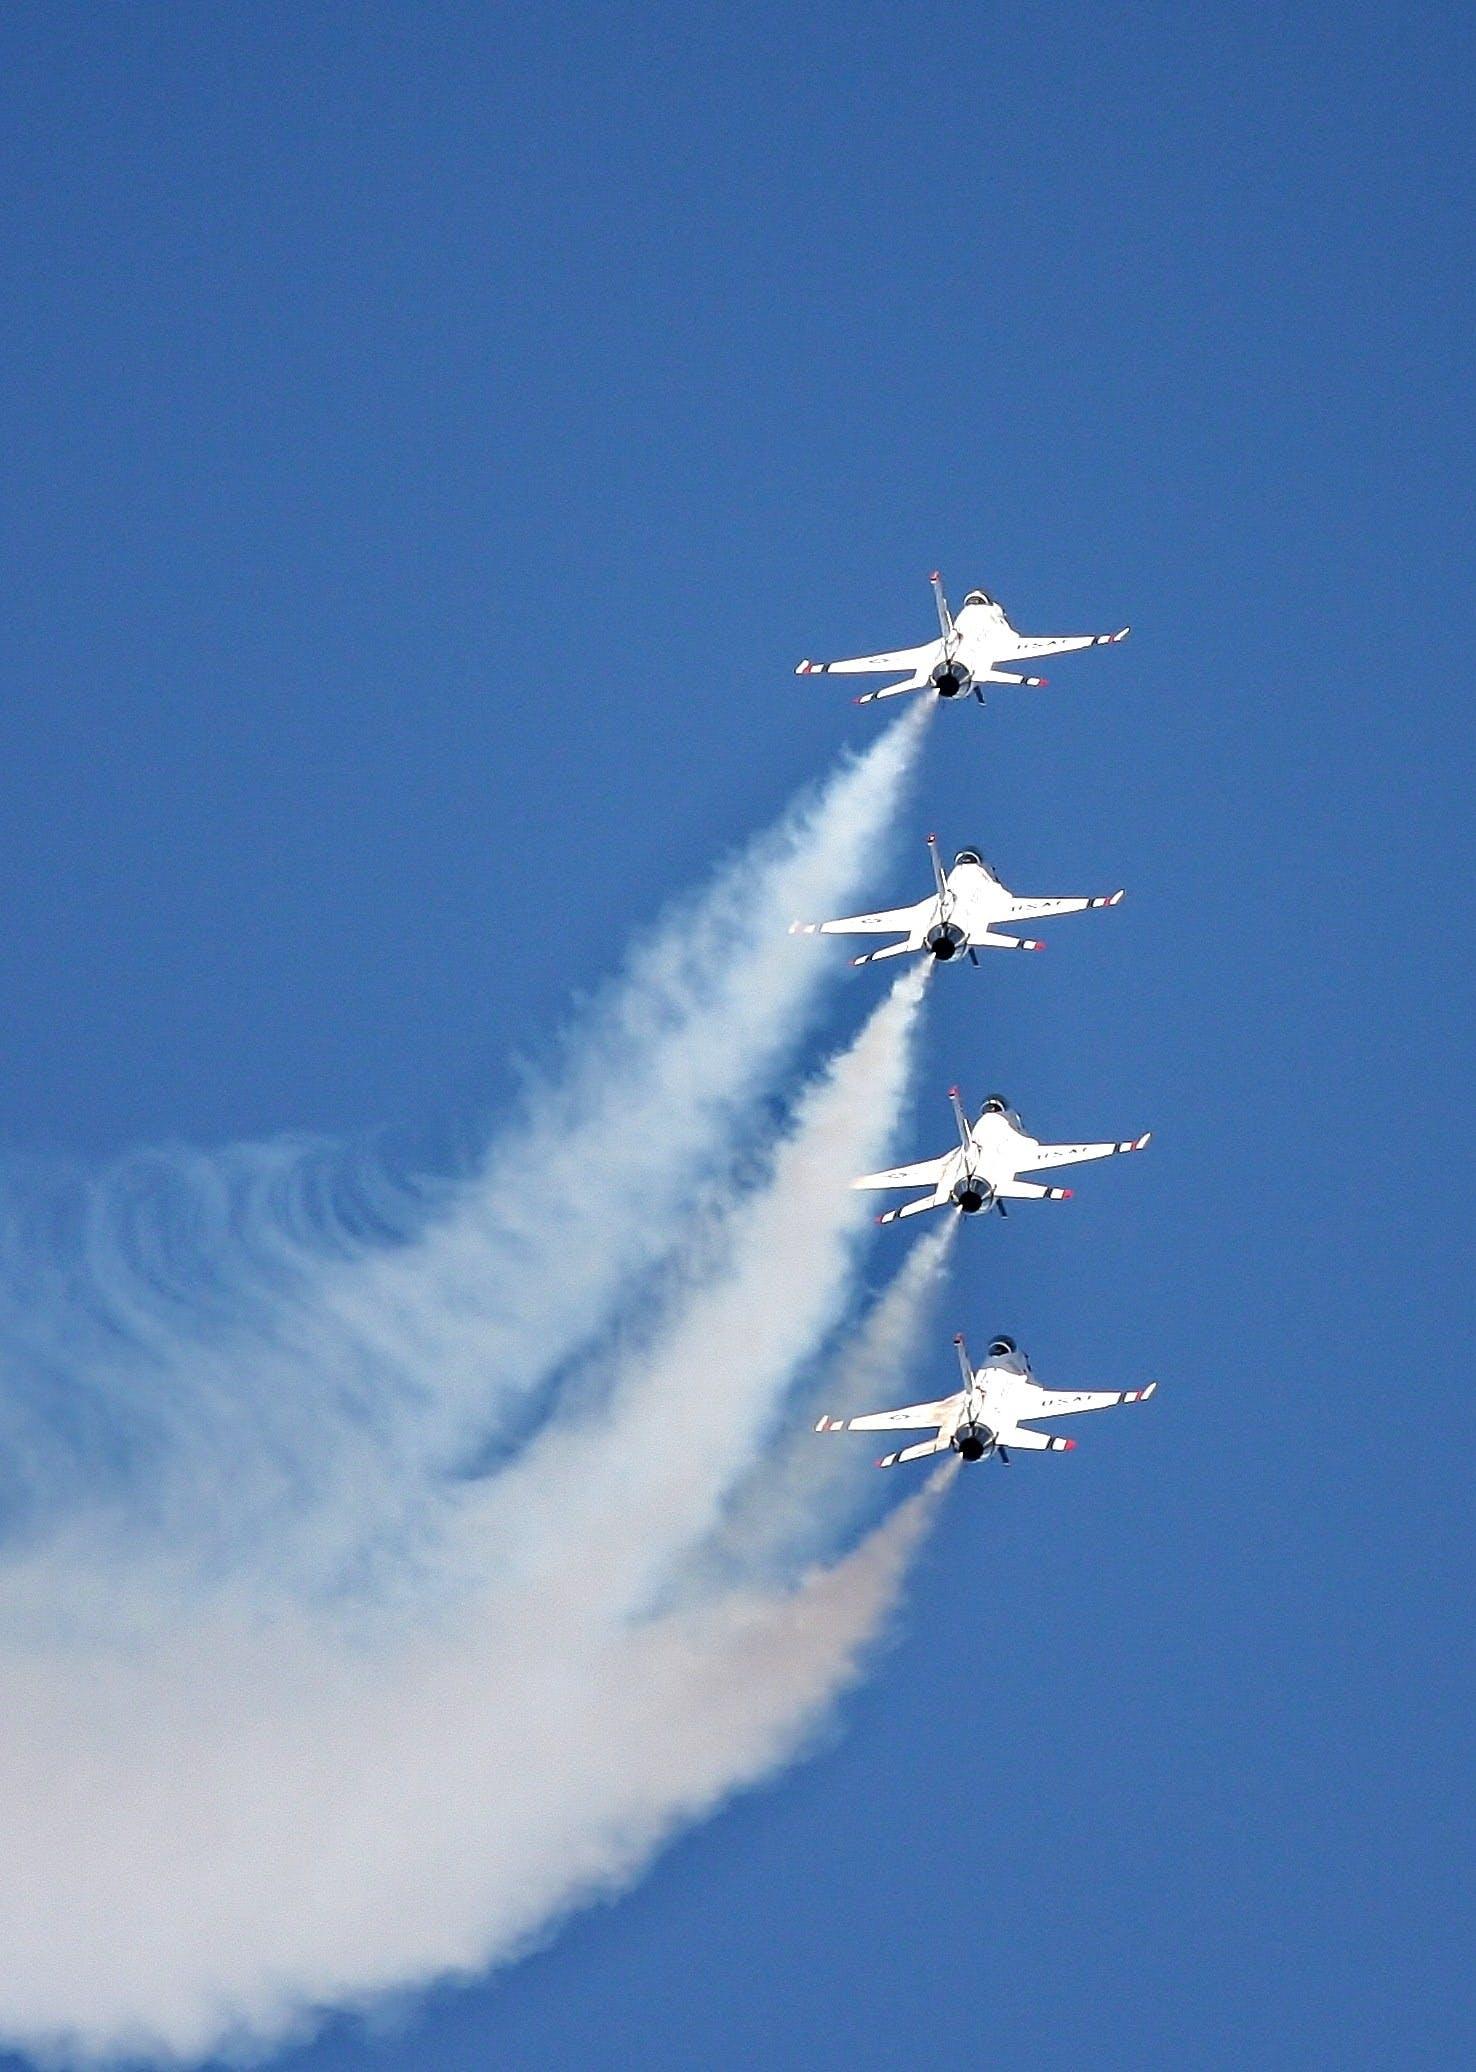 4 White Jet Flying on Sky at Daytime